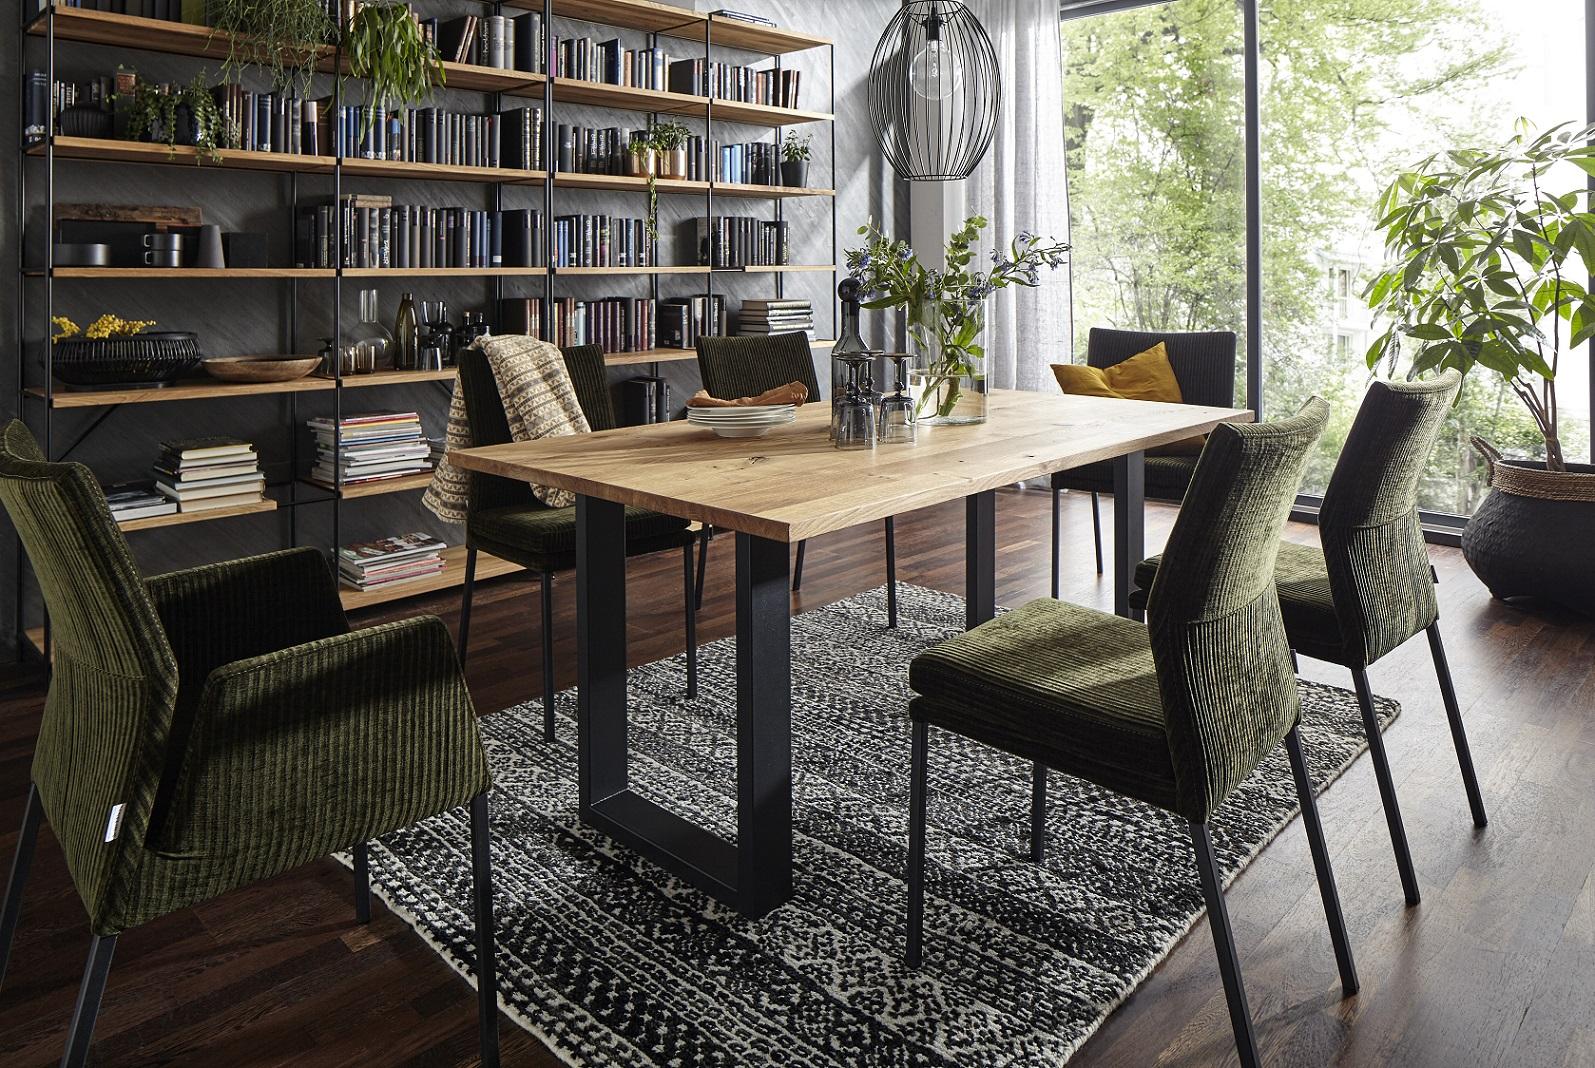 Braun- und beigefarbene Polsterstühle und Eckbank um einen Esstisch aus Massivholz